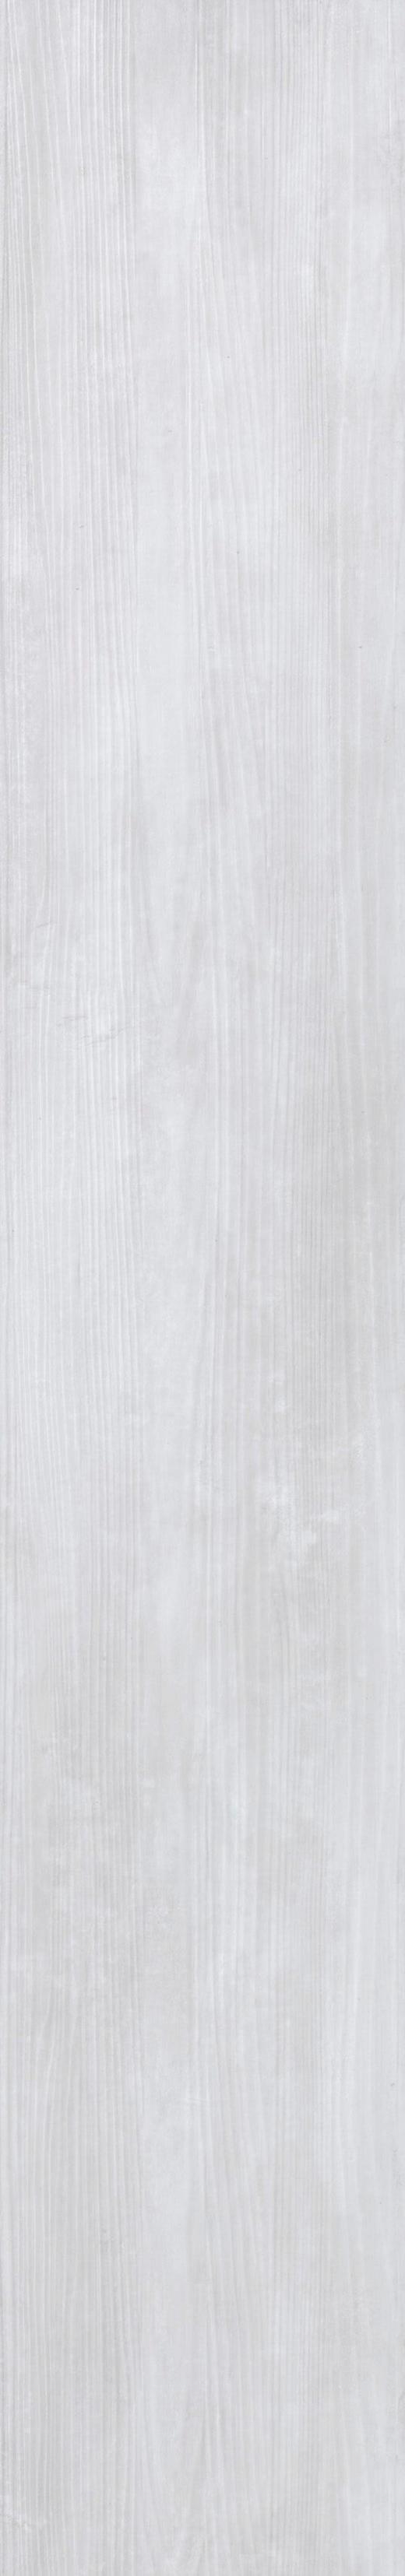 DESIGNBODEN  Weiß  per Paket - Weiß, Basics, Kunststoff (121/19/0,5cm) - Venda